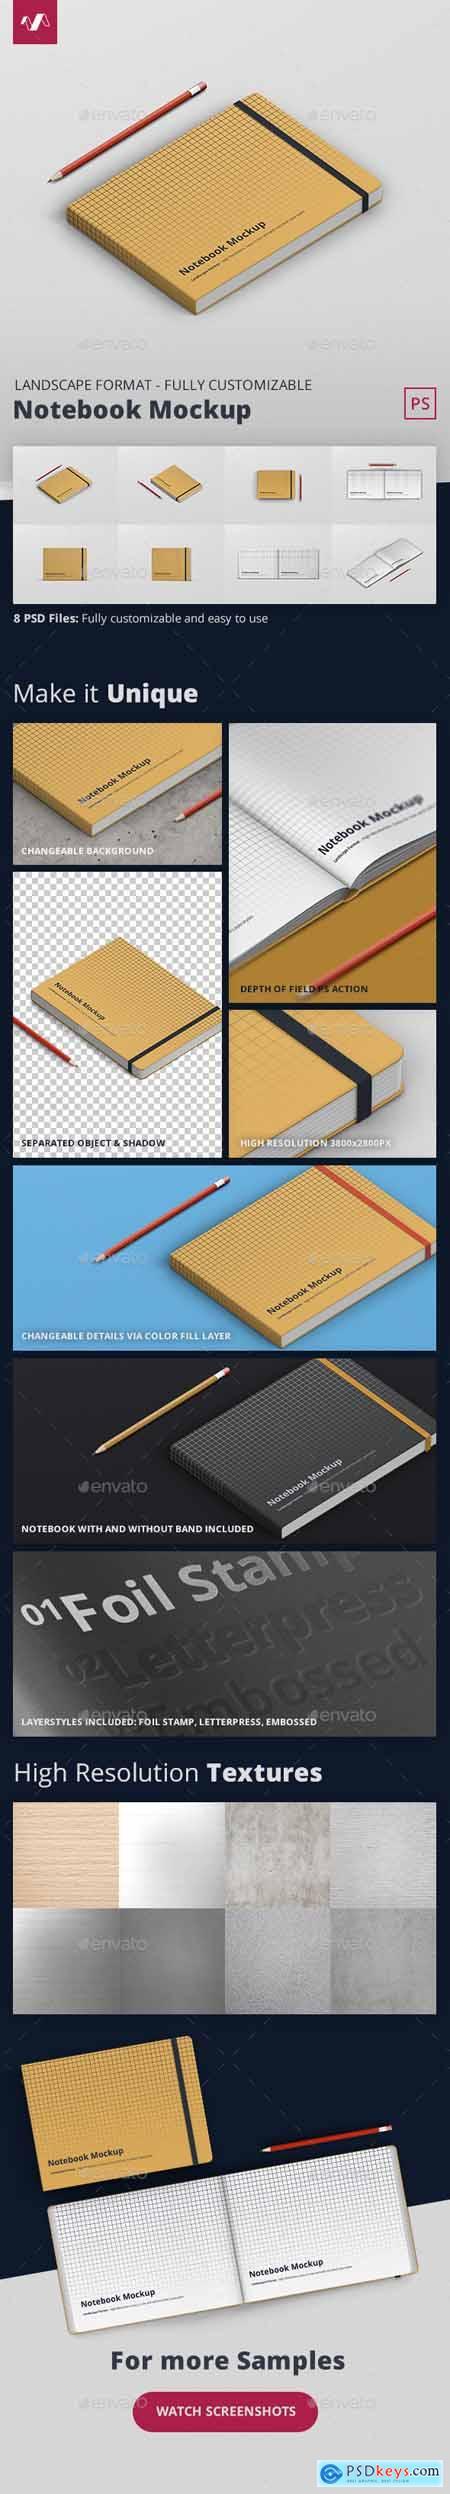 Notebook Mockup Landscape Format 28123874